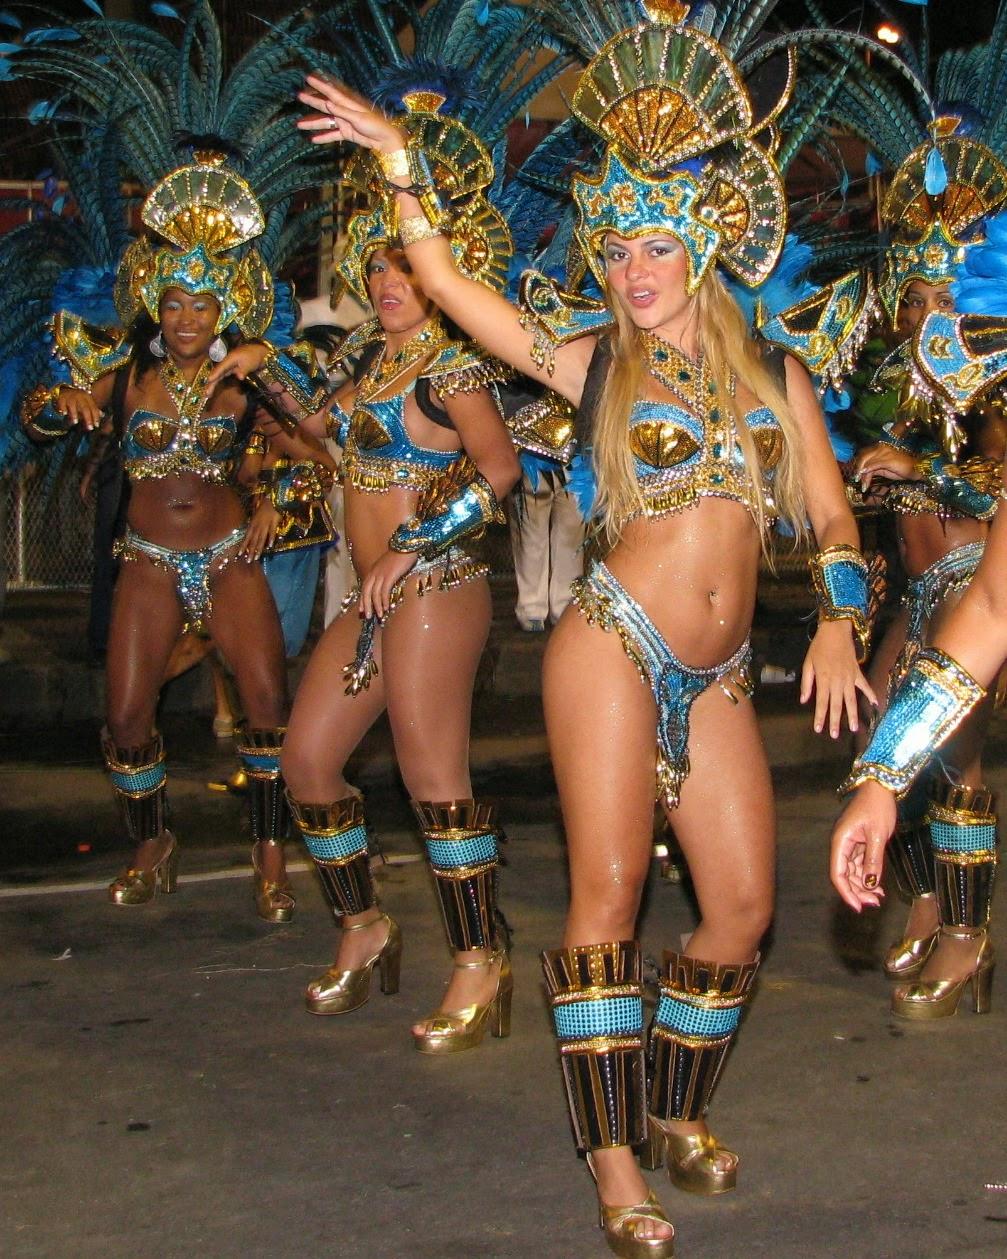 Vacances au Brésil, le Christ Rédempteur, dansent Samba, amazone aventure, plongée sous-marine au Brésil, la plage de Copacabana, la plage d'Ipanema, la vie de nuit à Sao Paolo, Brésil aventure,